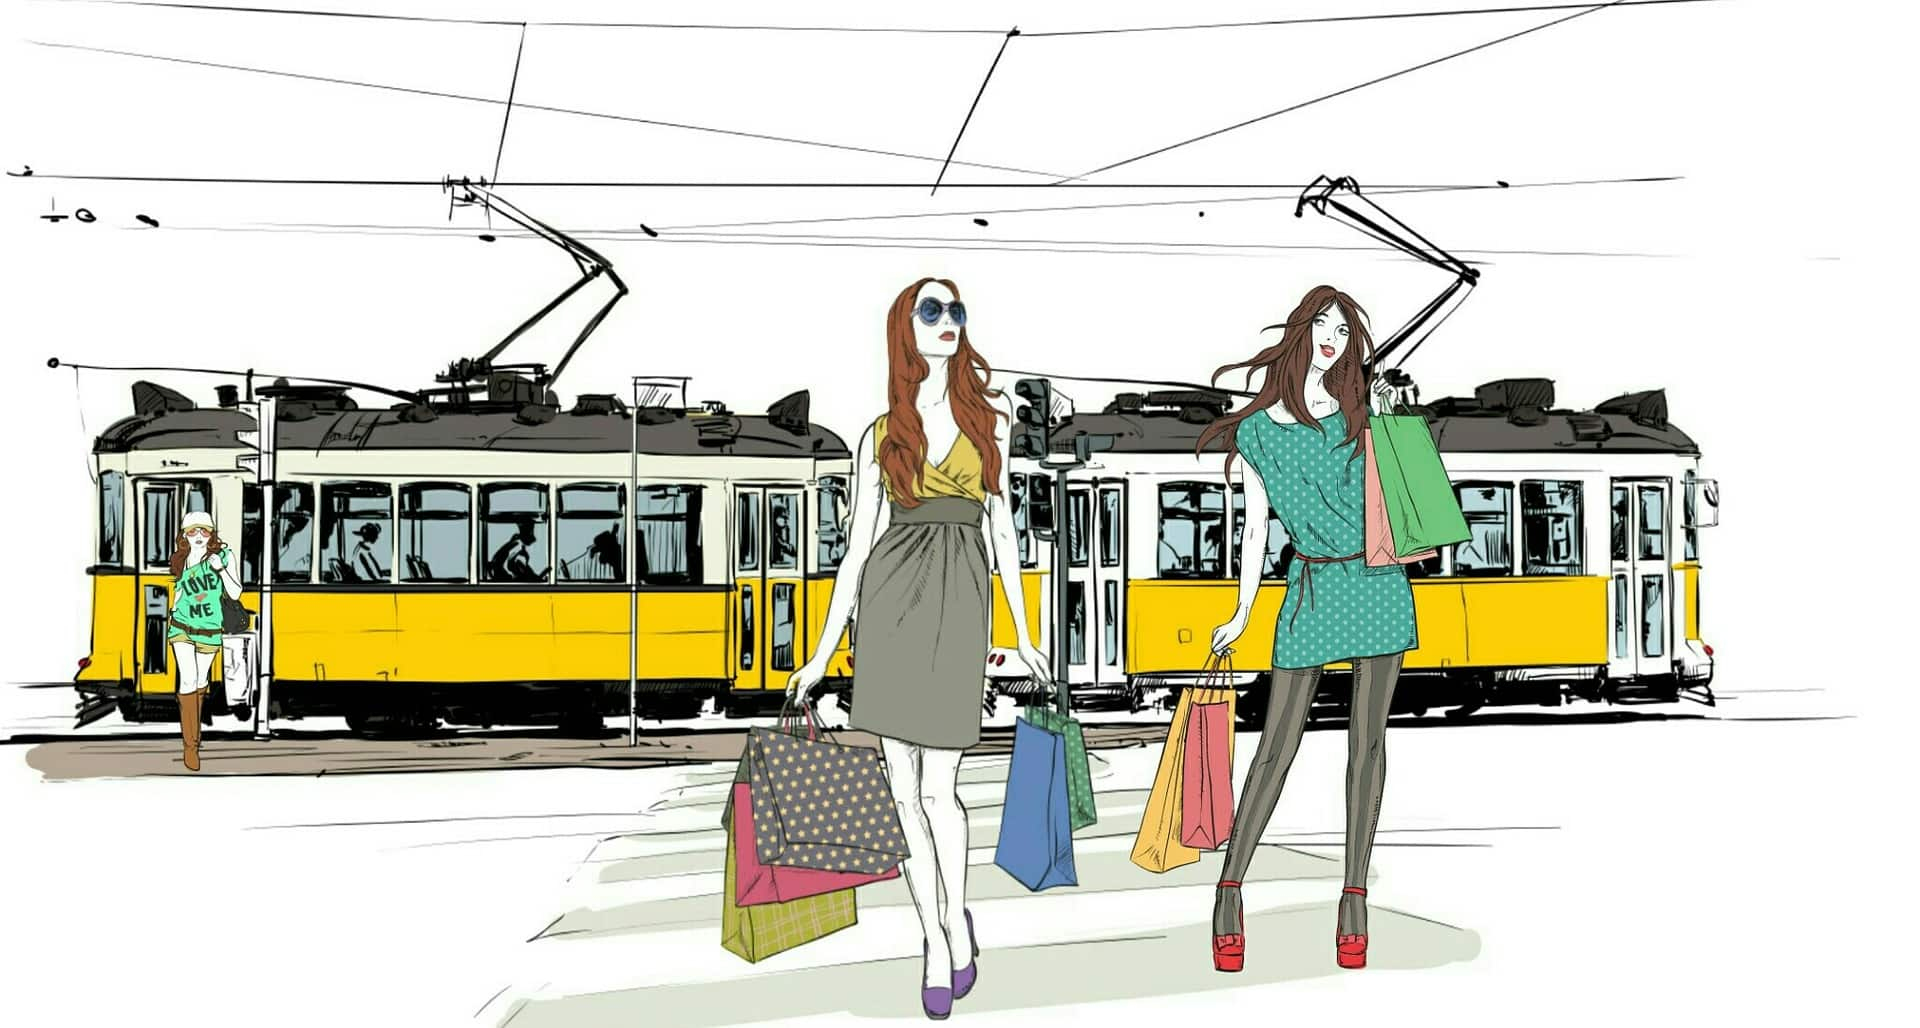 трамвай и шопинг